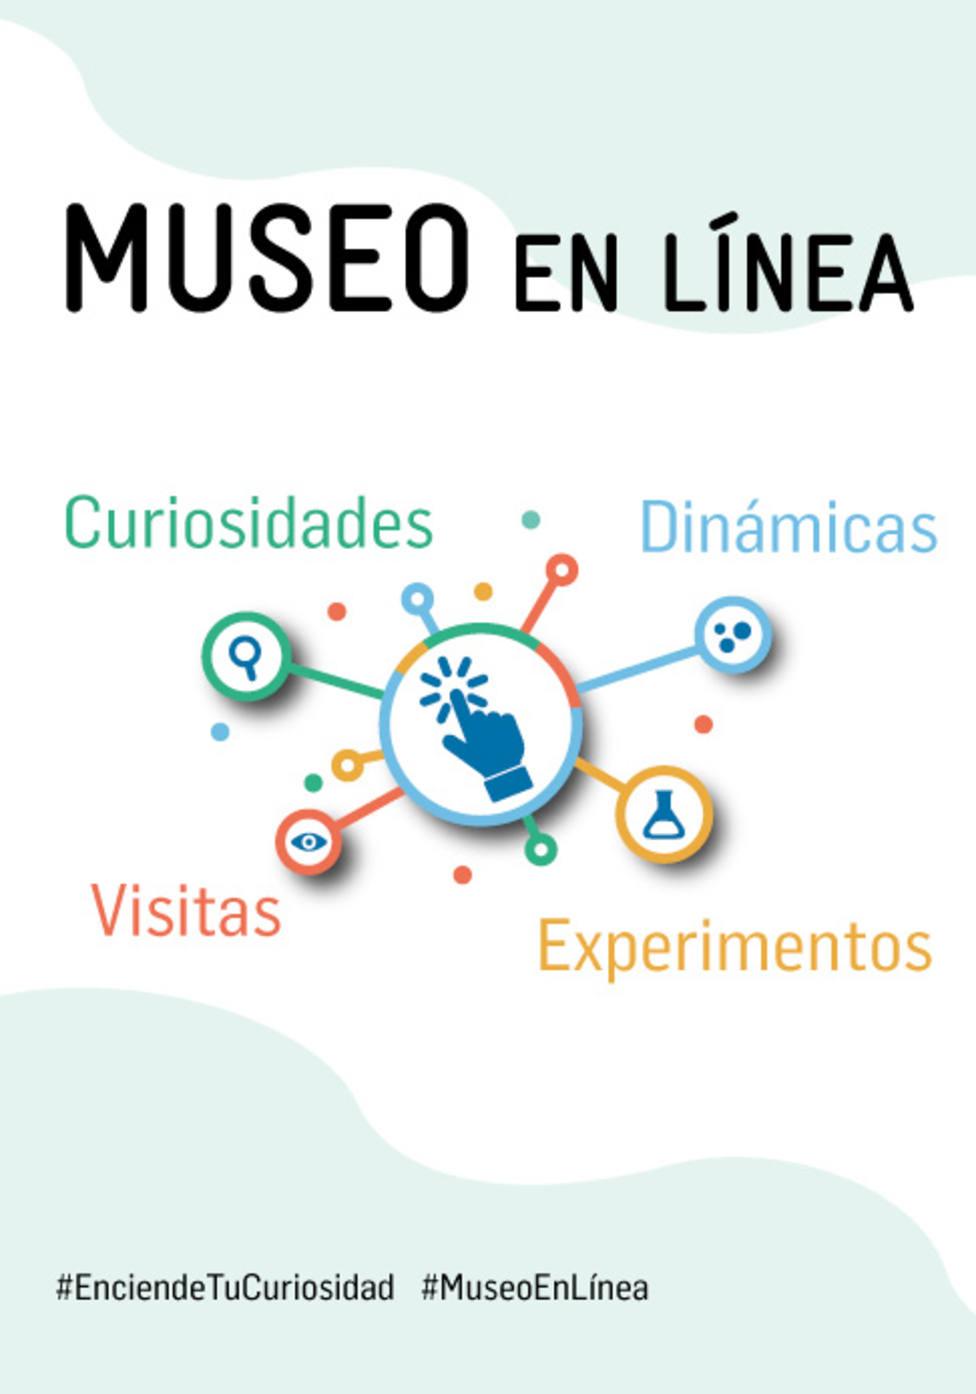 ctv-fv0-2020 museoenlnea inst